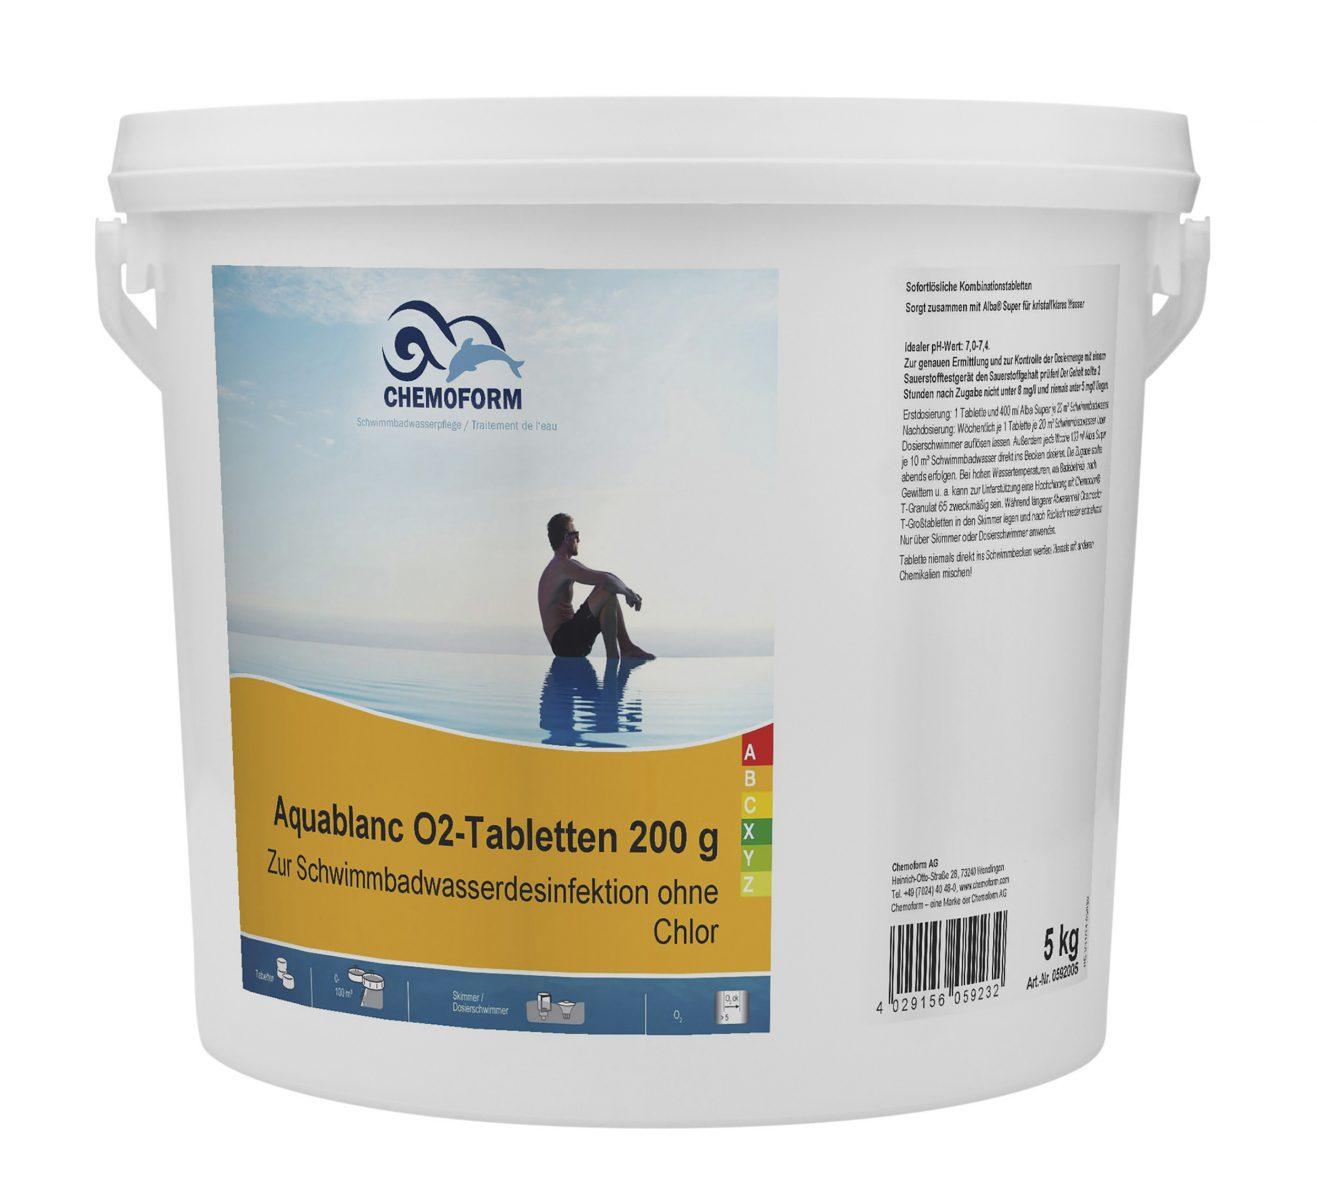 Активный кислород в таблетках для дезинфекции воды в бассейнах Аквабланк О2 (200 г), 5 кг